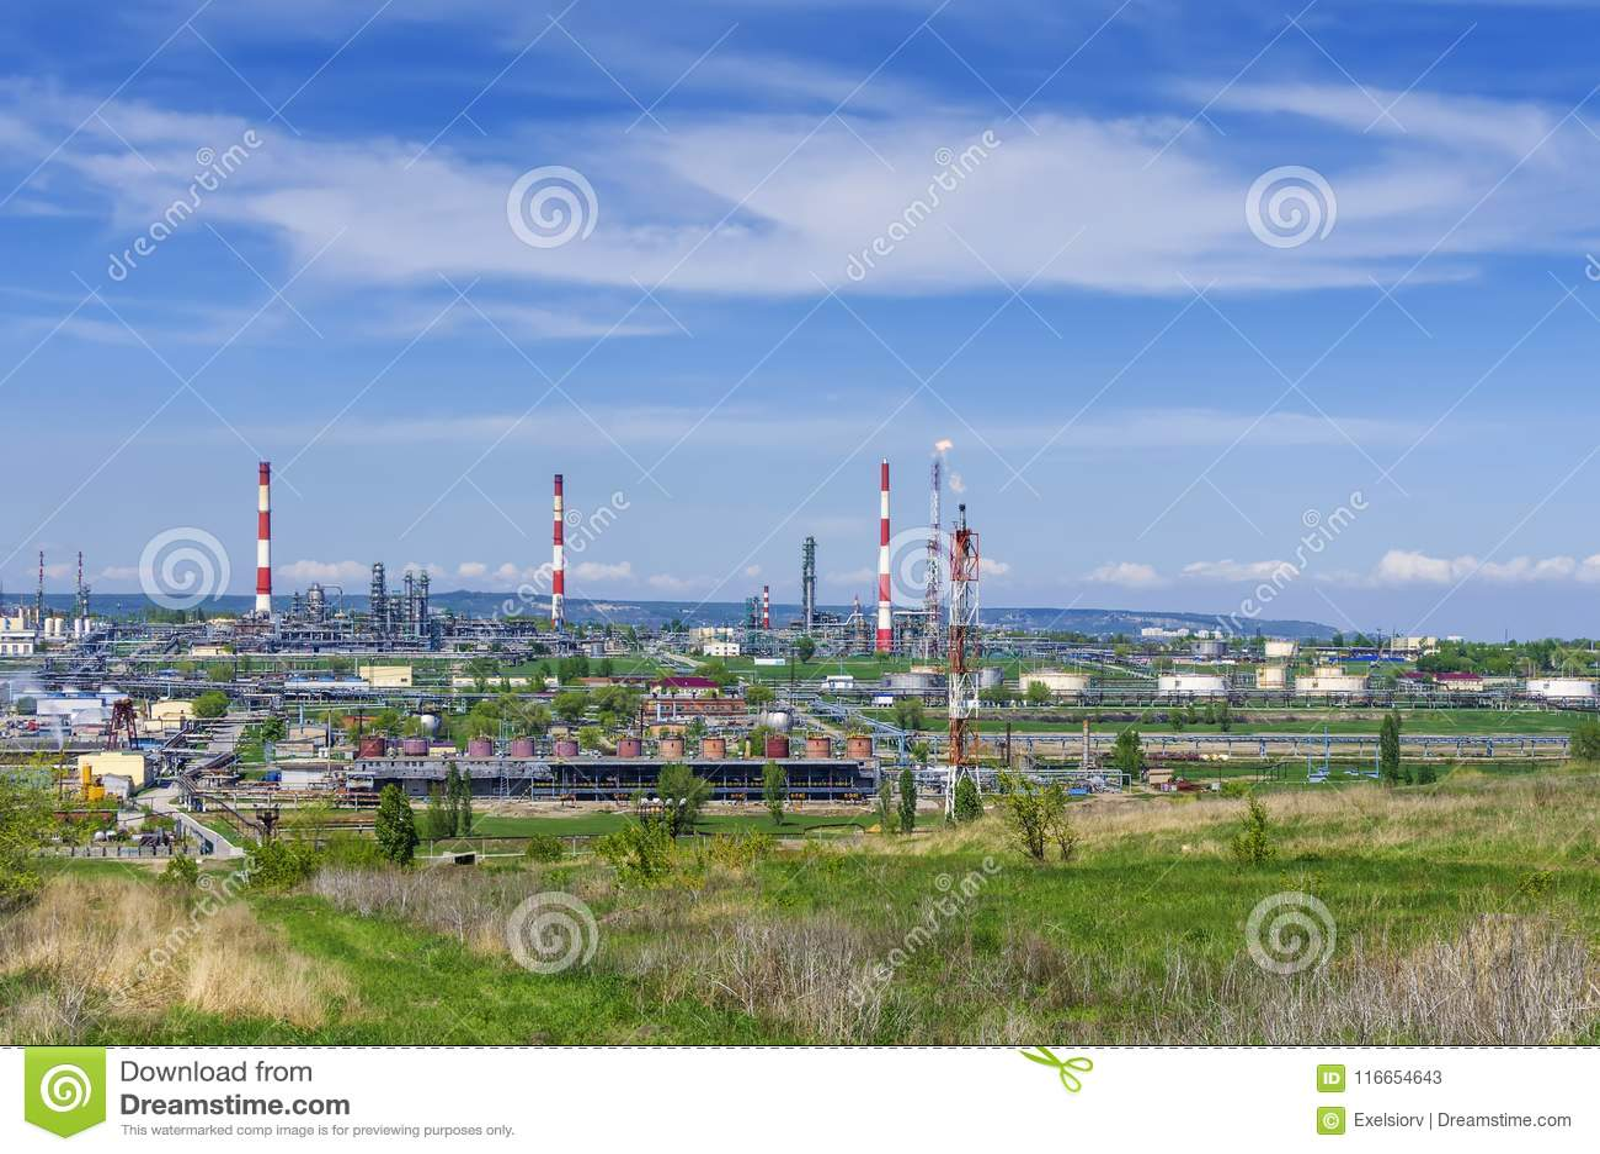 Refinaria de petróleo, tubulações, tocha ardente, biscoitos, cascas, tanques de armazenamento para produtos petrolíferos, contra